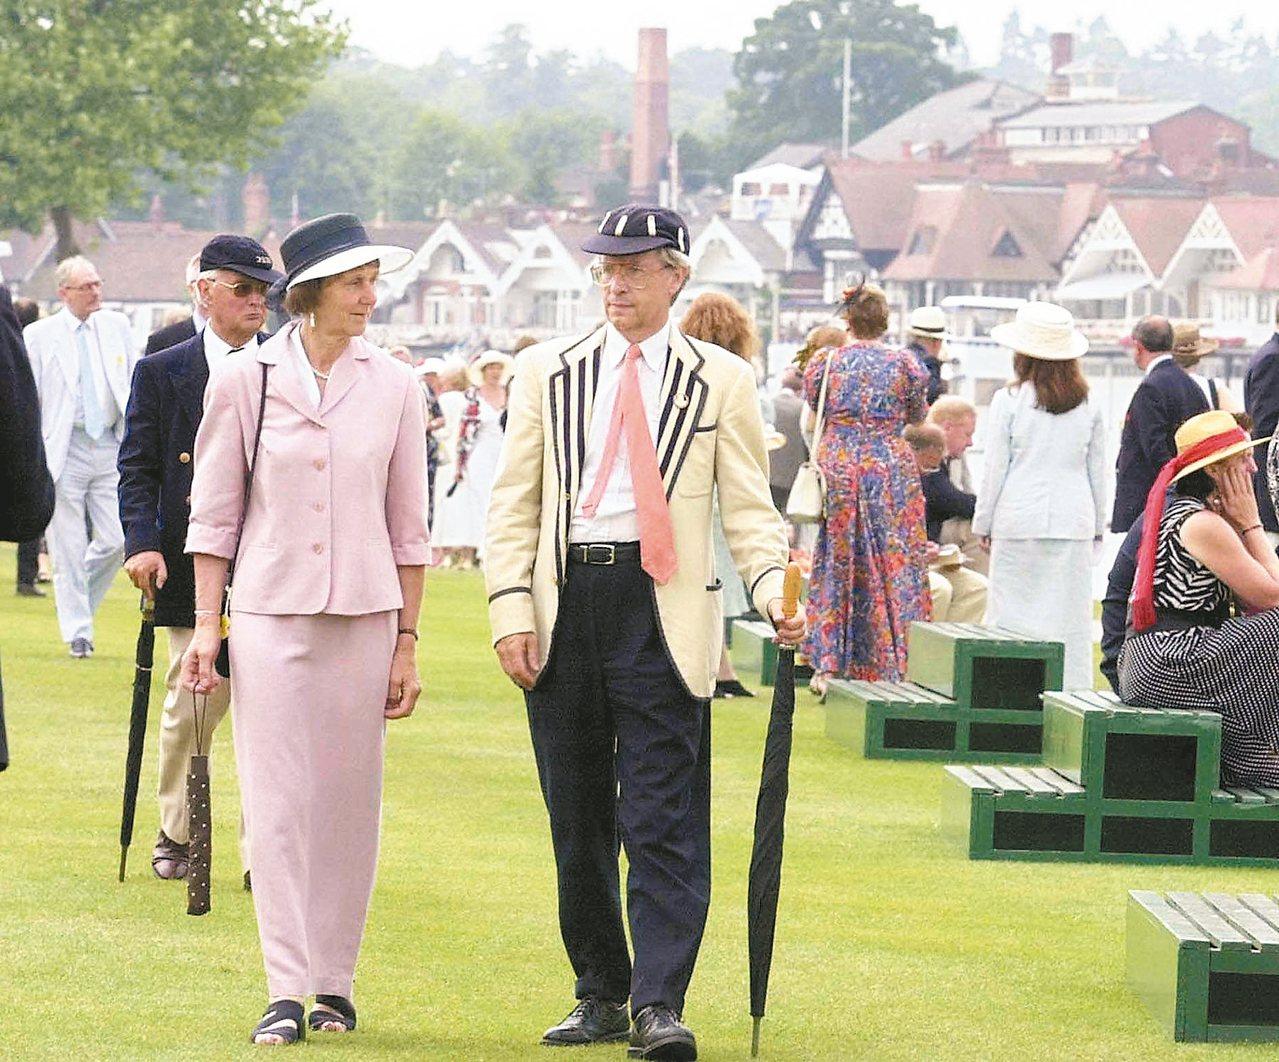 亨利皇家賽舟會是英國重要的社交活動,應邀觀看比賽的賓客必須按照長期以來的傳統盛裝...